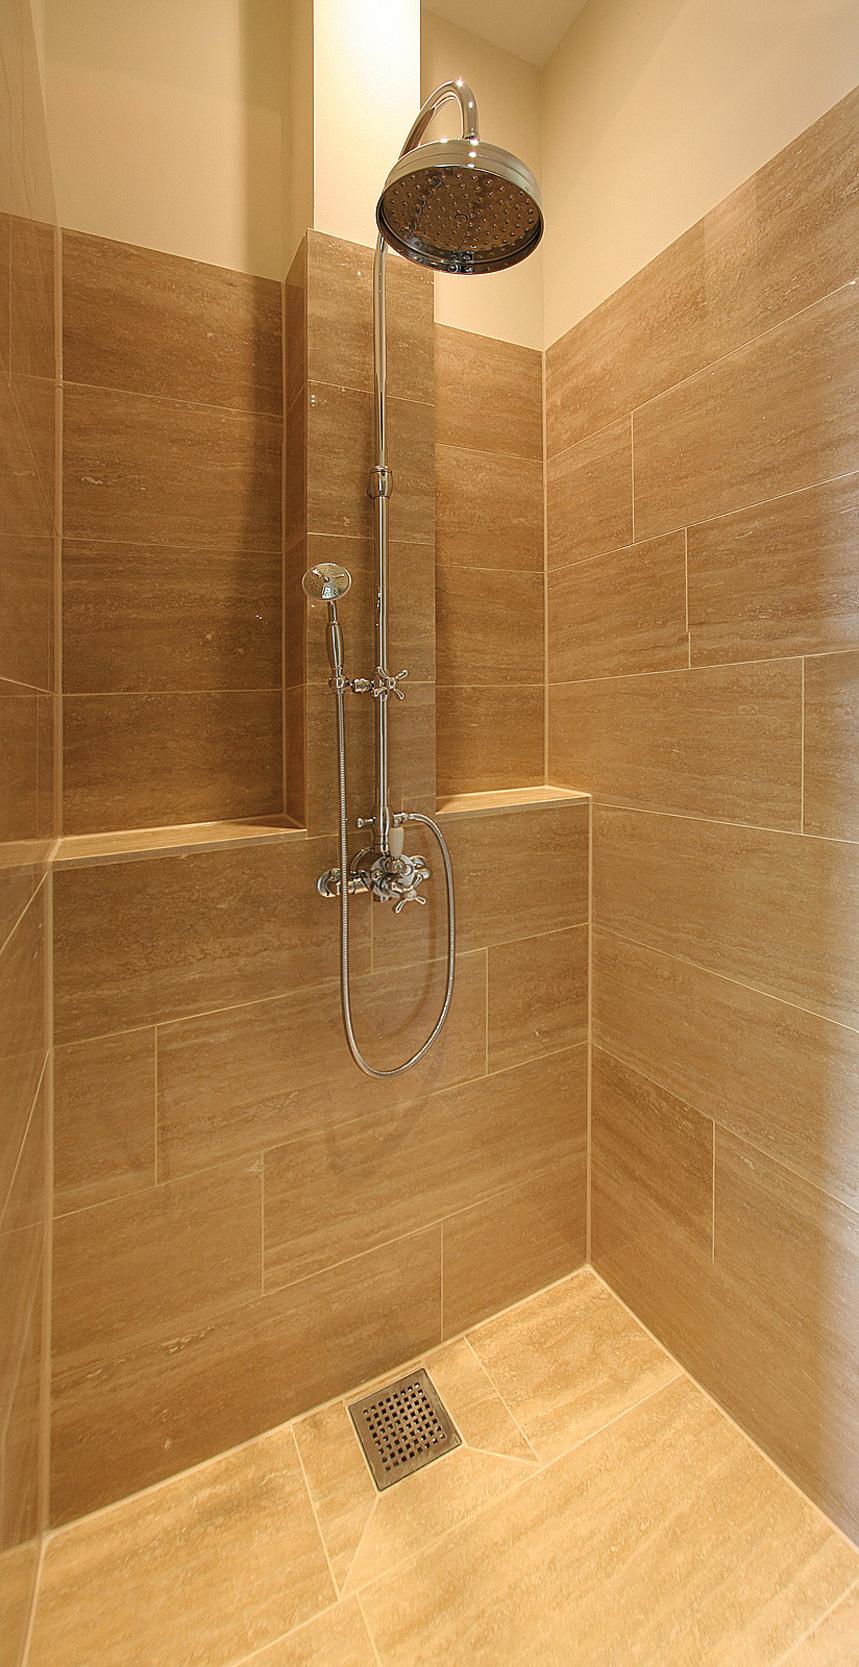 Der Duschbereich wurde komplett mit Naturstein verkleidet